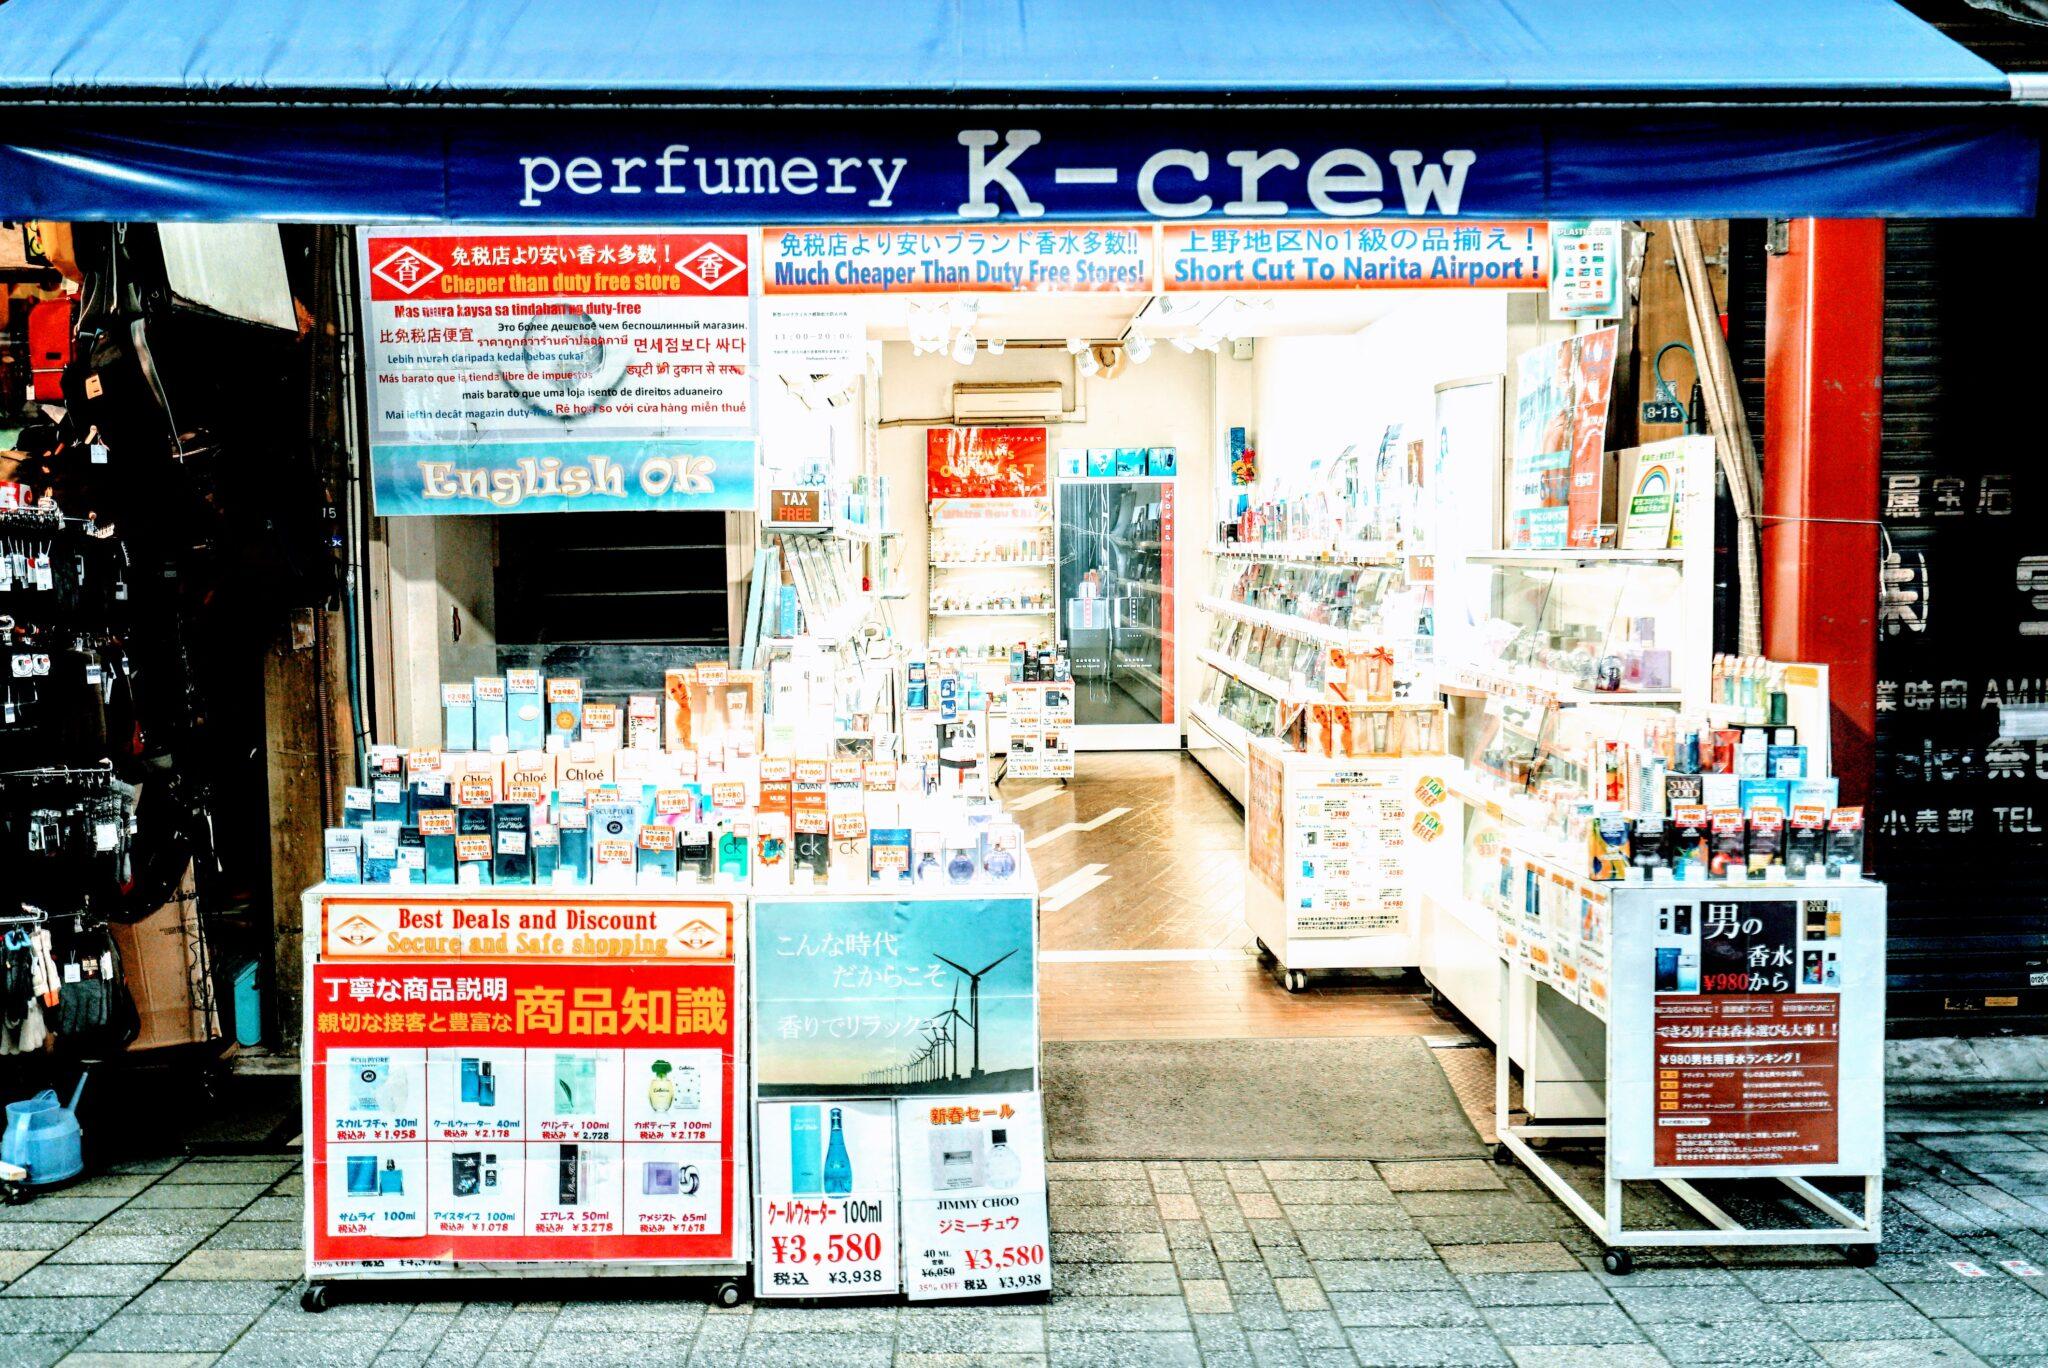 Perfumery K-crew